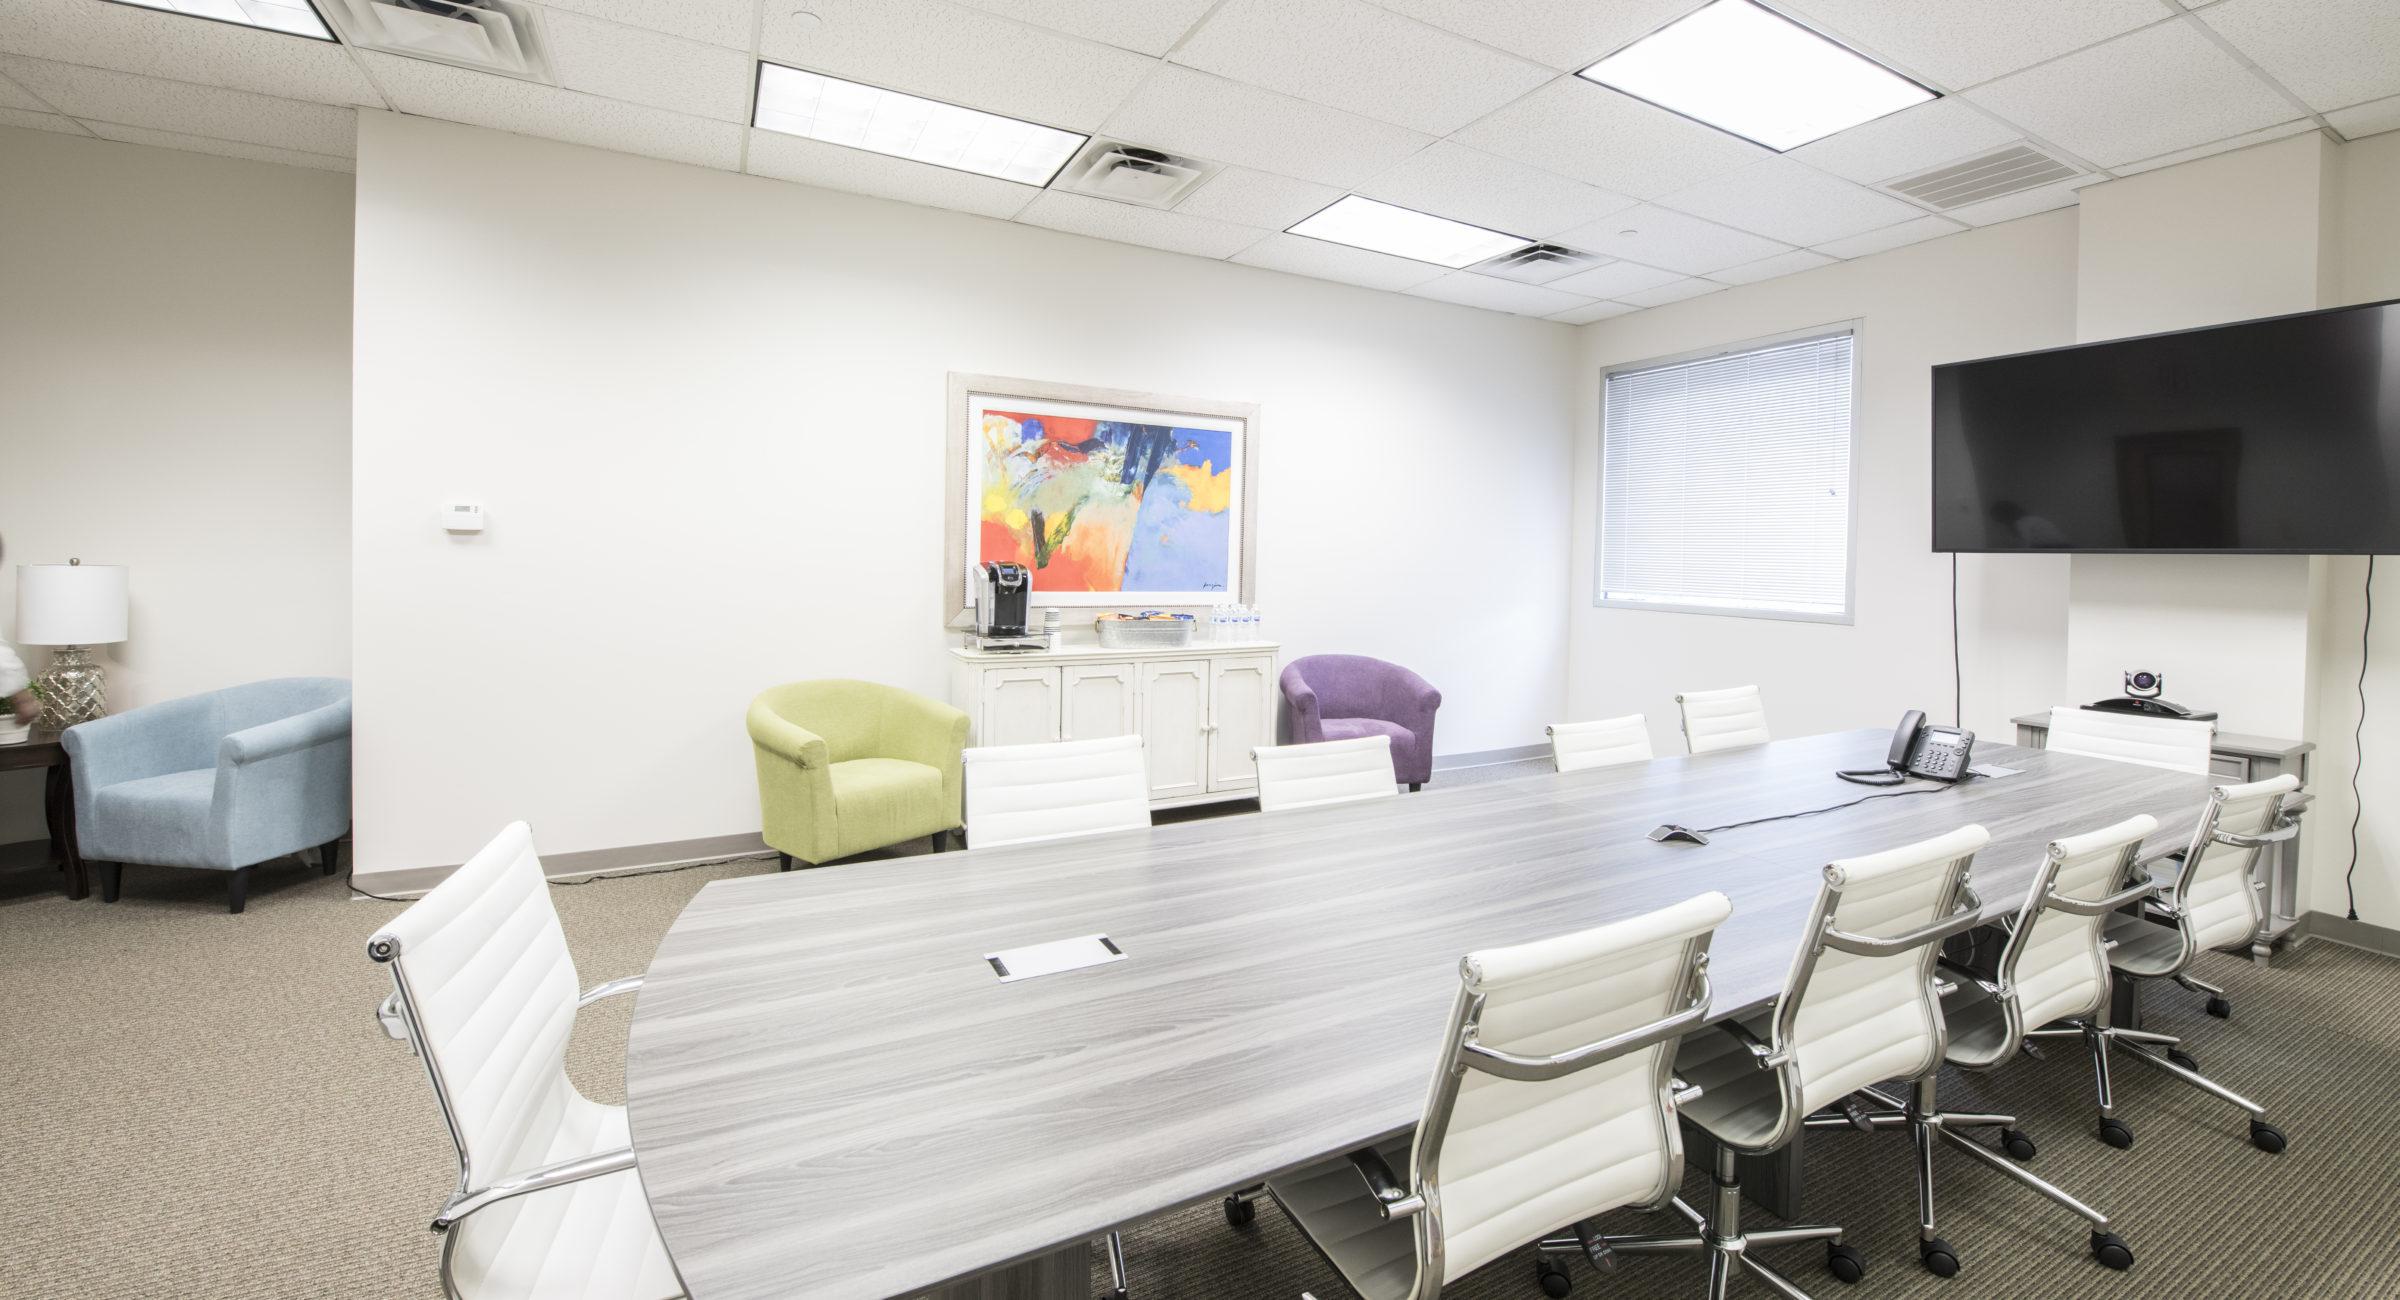 Lexington videoconferencing center.